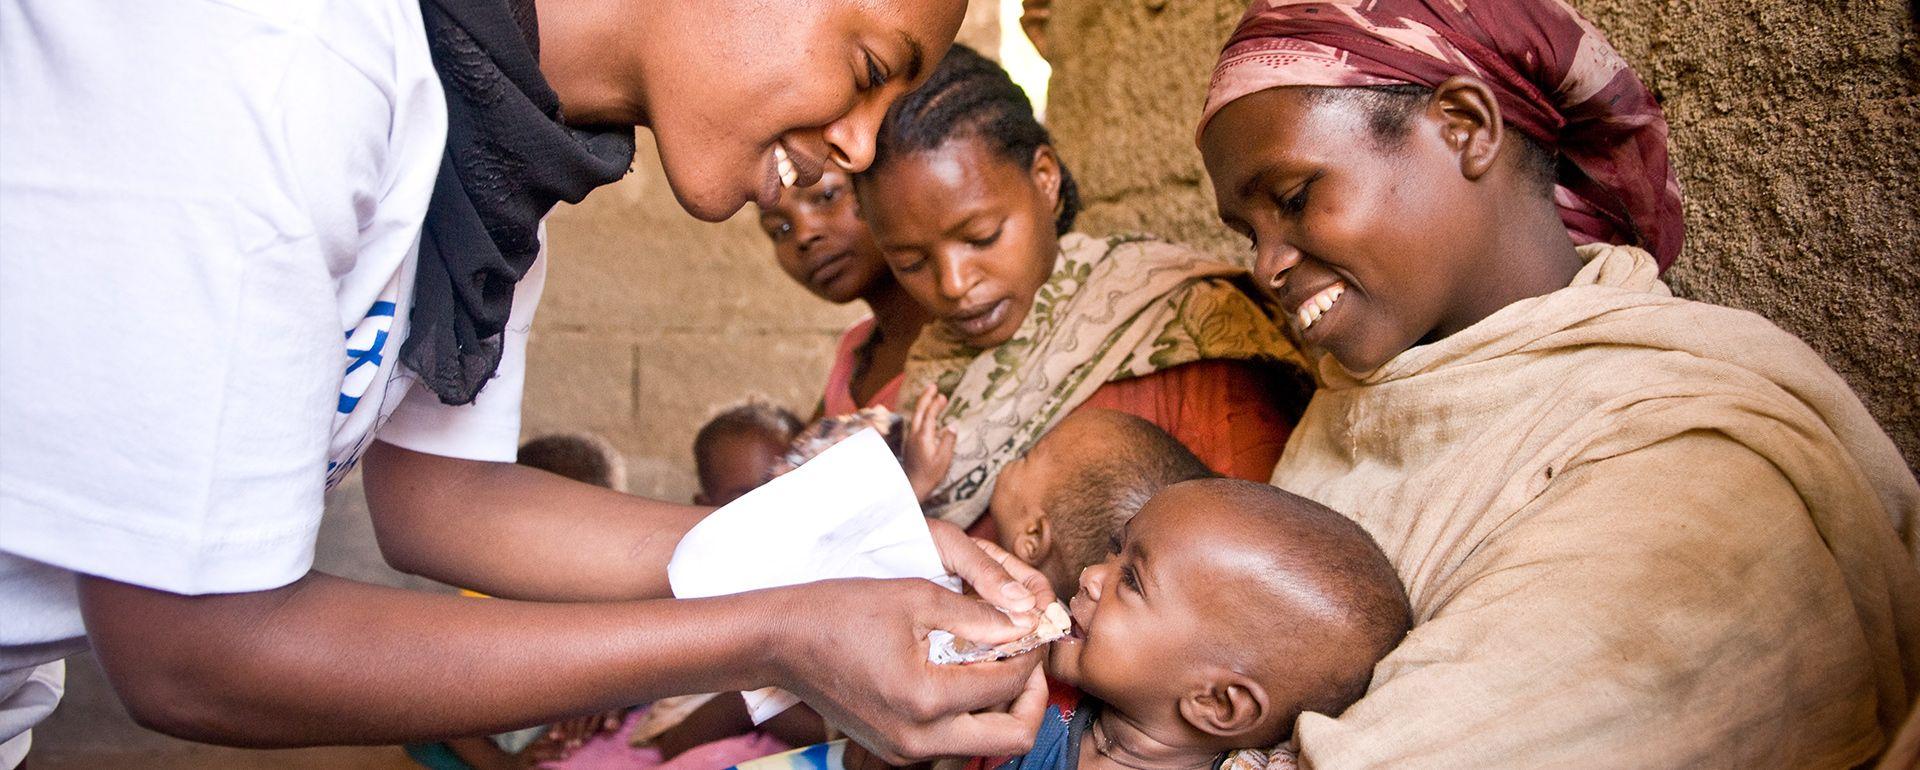 0917ET-A15-feeding-programs